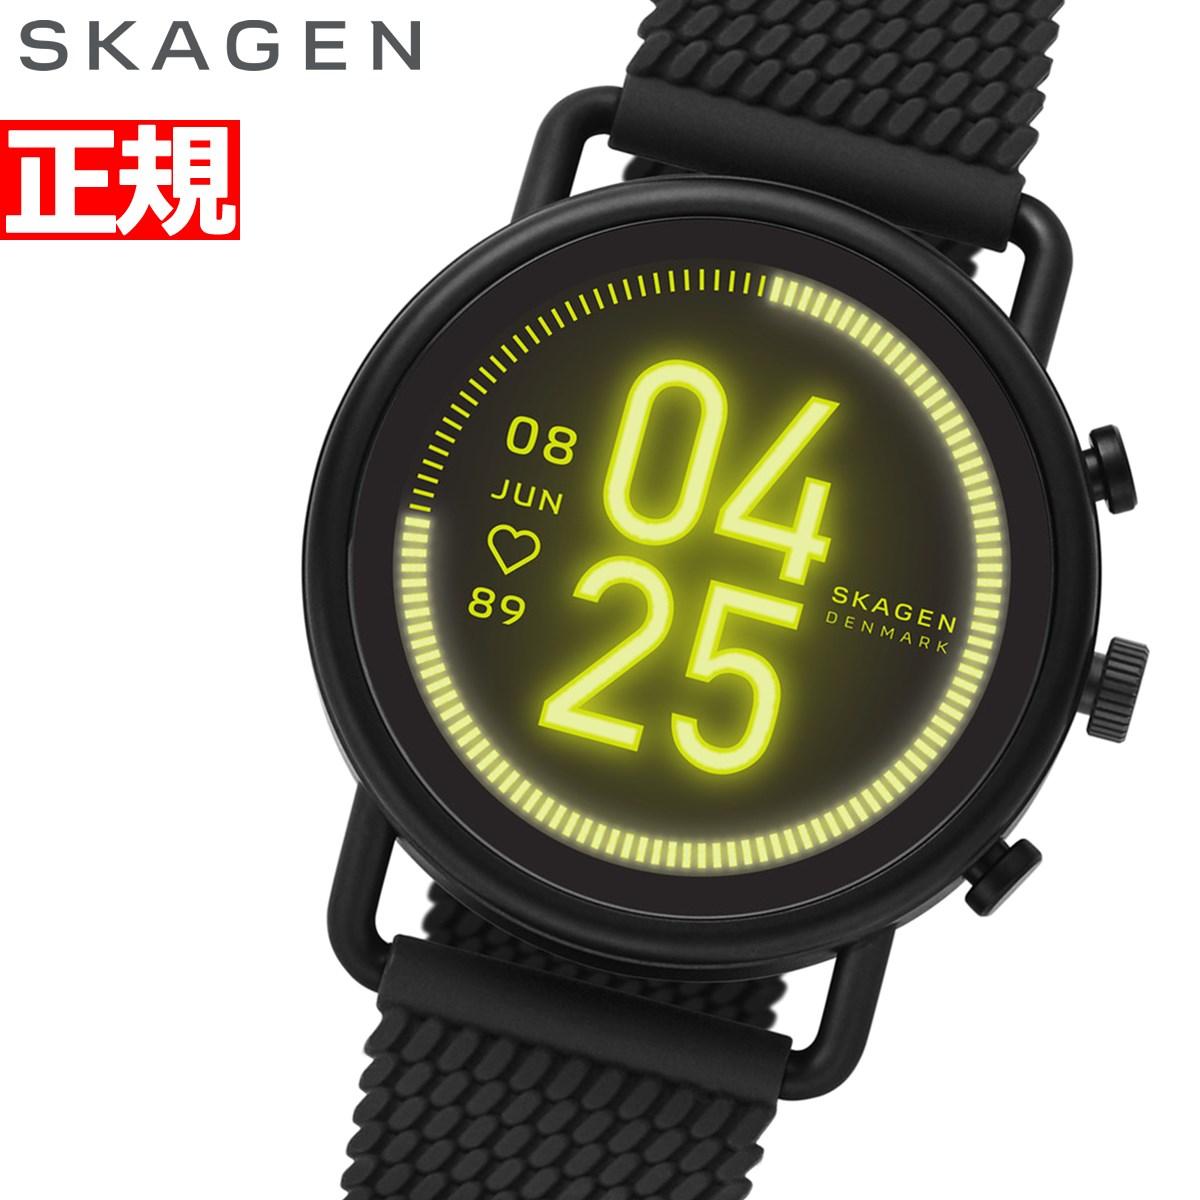 【10日0時~♪店内ポイント最大60倍&2000円OFFクーポン!10日23時59分まで】スカーゲン SKAGEN スマートウォッチ ウェアラブル 腕時計 メンズ レディース フォルスター3 FALSTER 3 SKT5202【2020 新作】